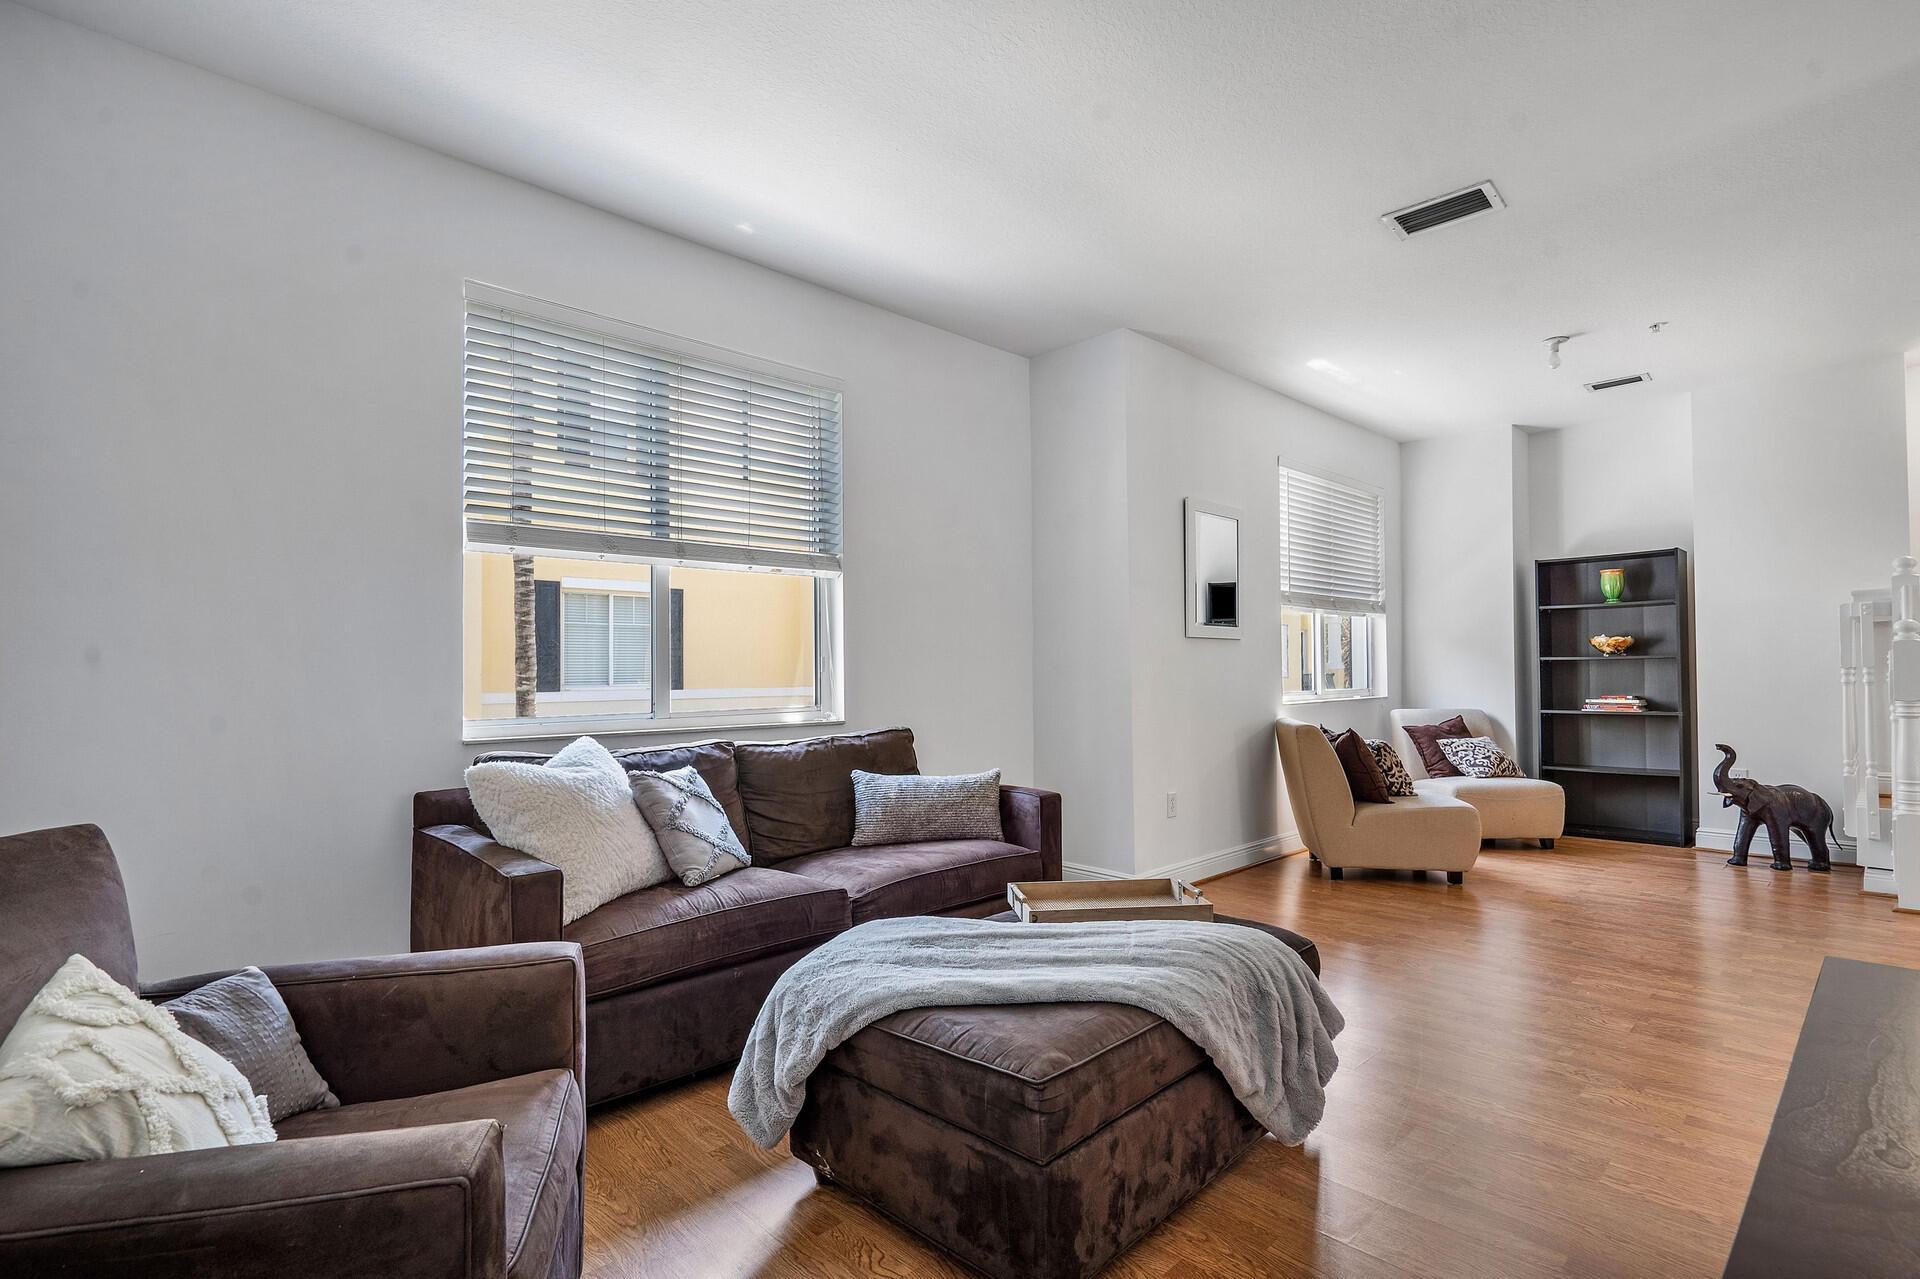 3643 5th Terrace - 3/3 in Vistazo